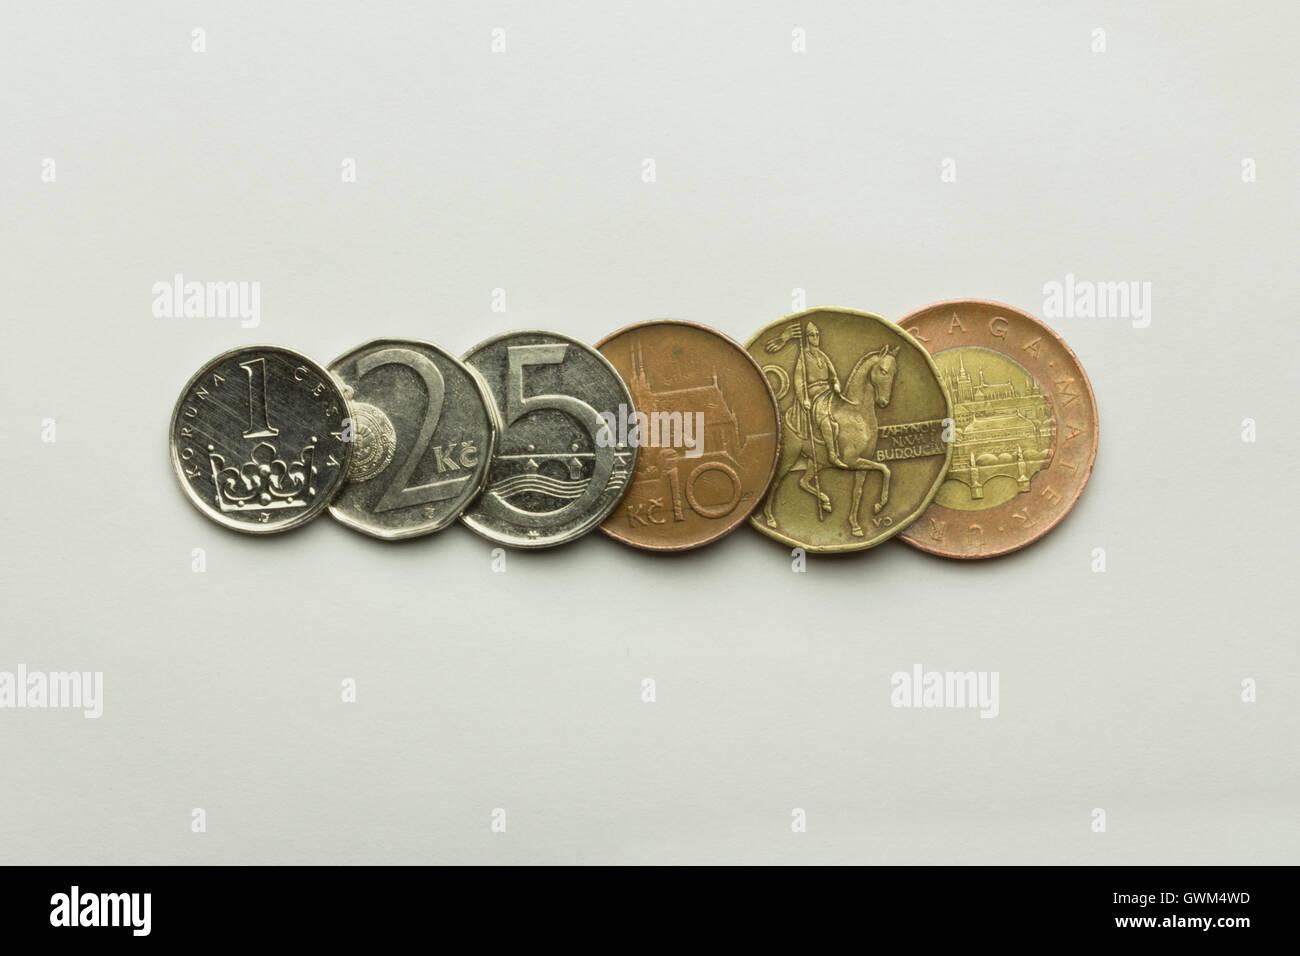 Münzen Sortiert Nach Wert Auf Weißem Hintergrund Währung Ist Der